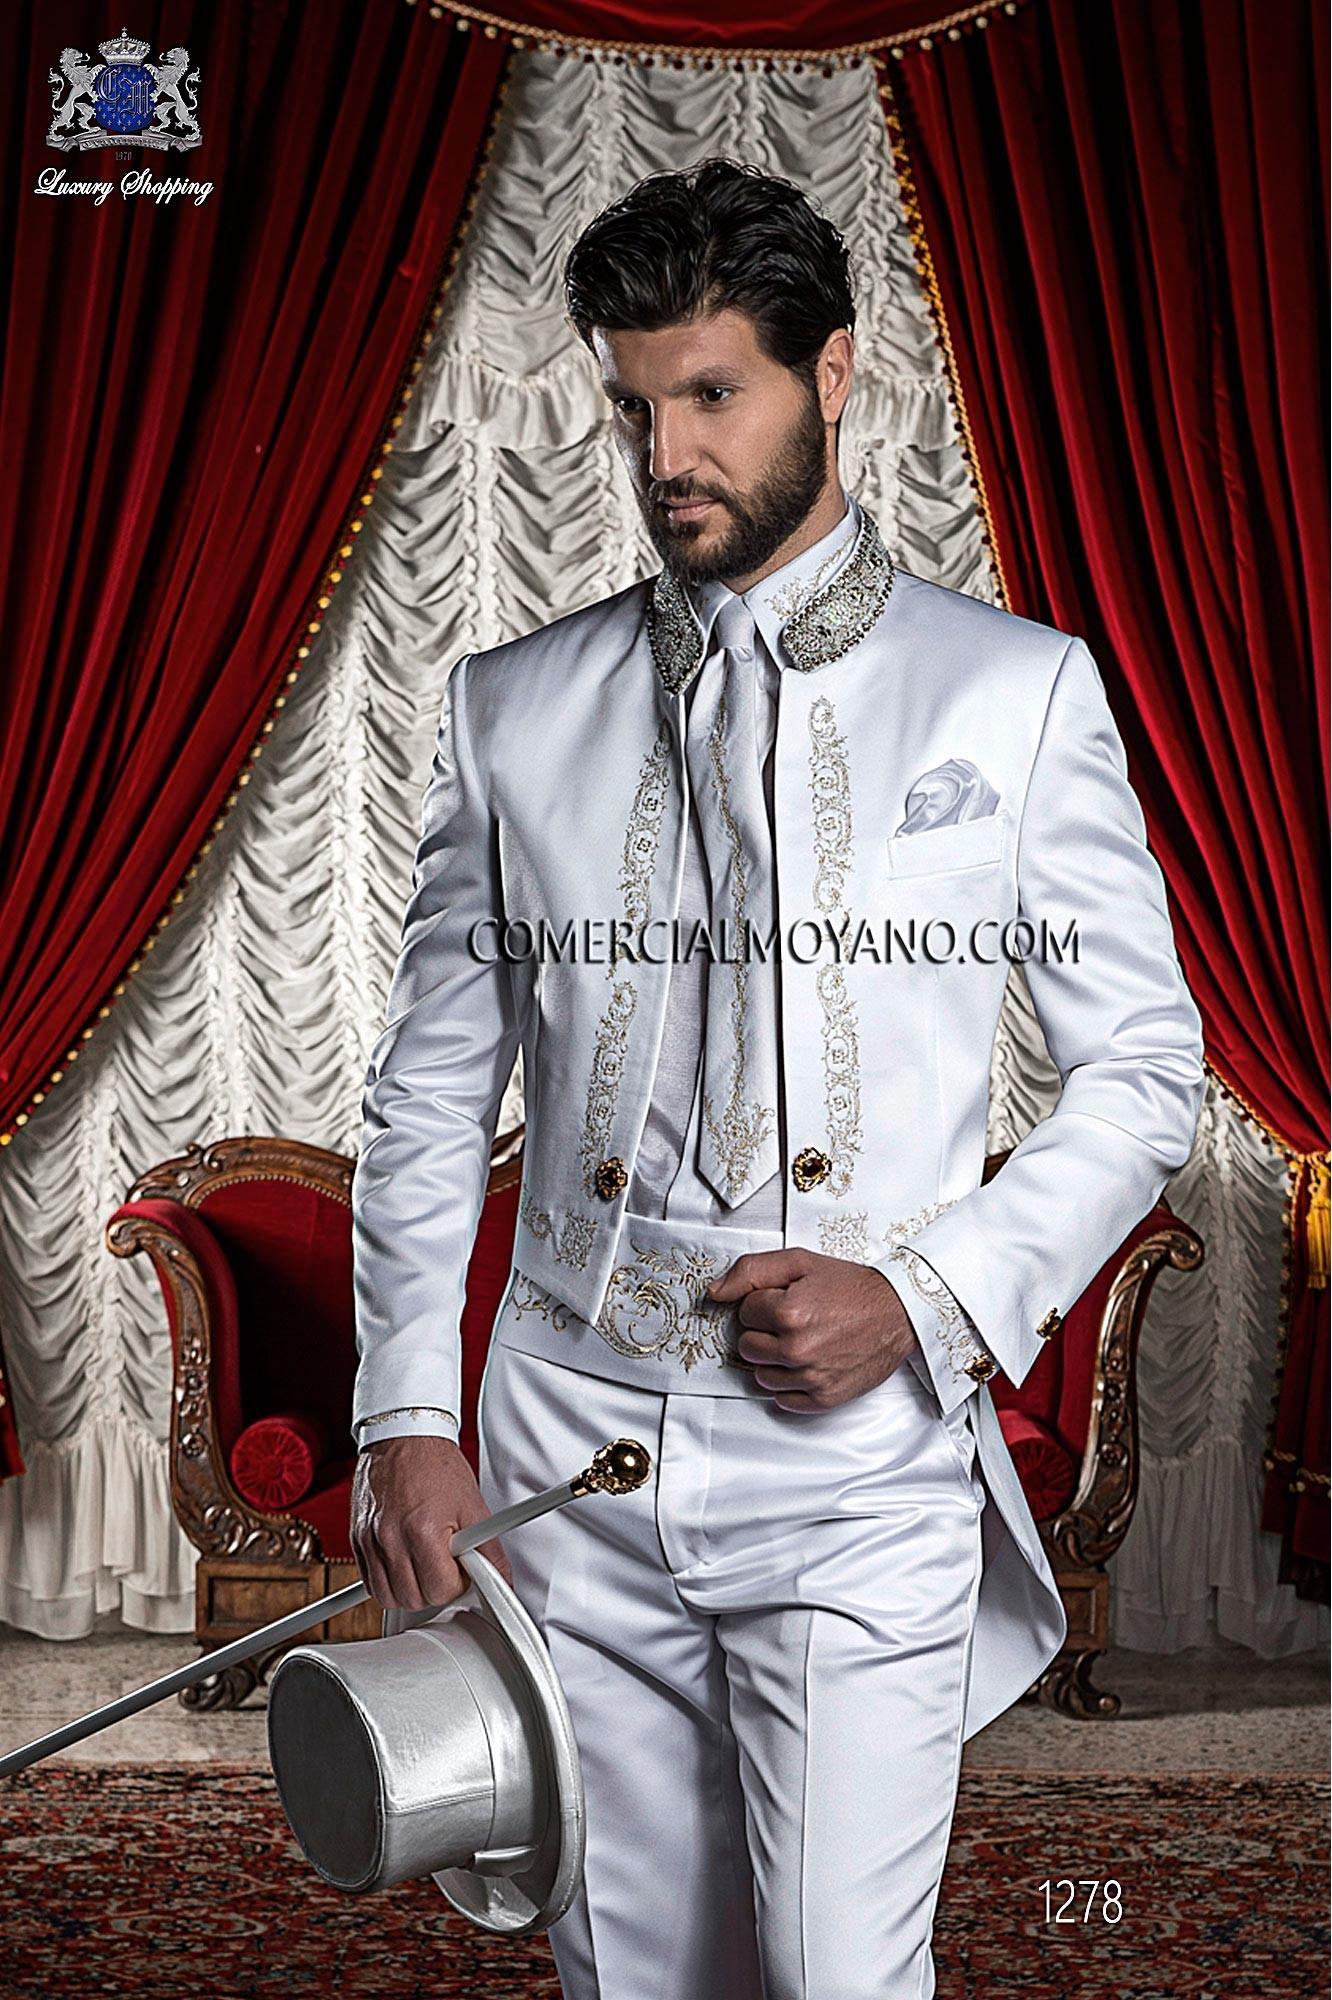 Traje barroco de novio blanco modelo: 1279 Ottavio Nuccio Gala colección Barroco